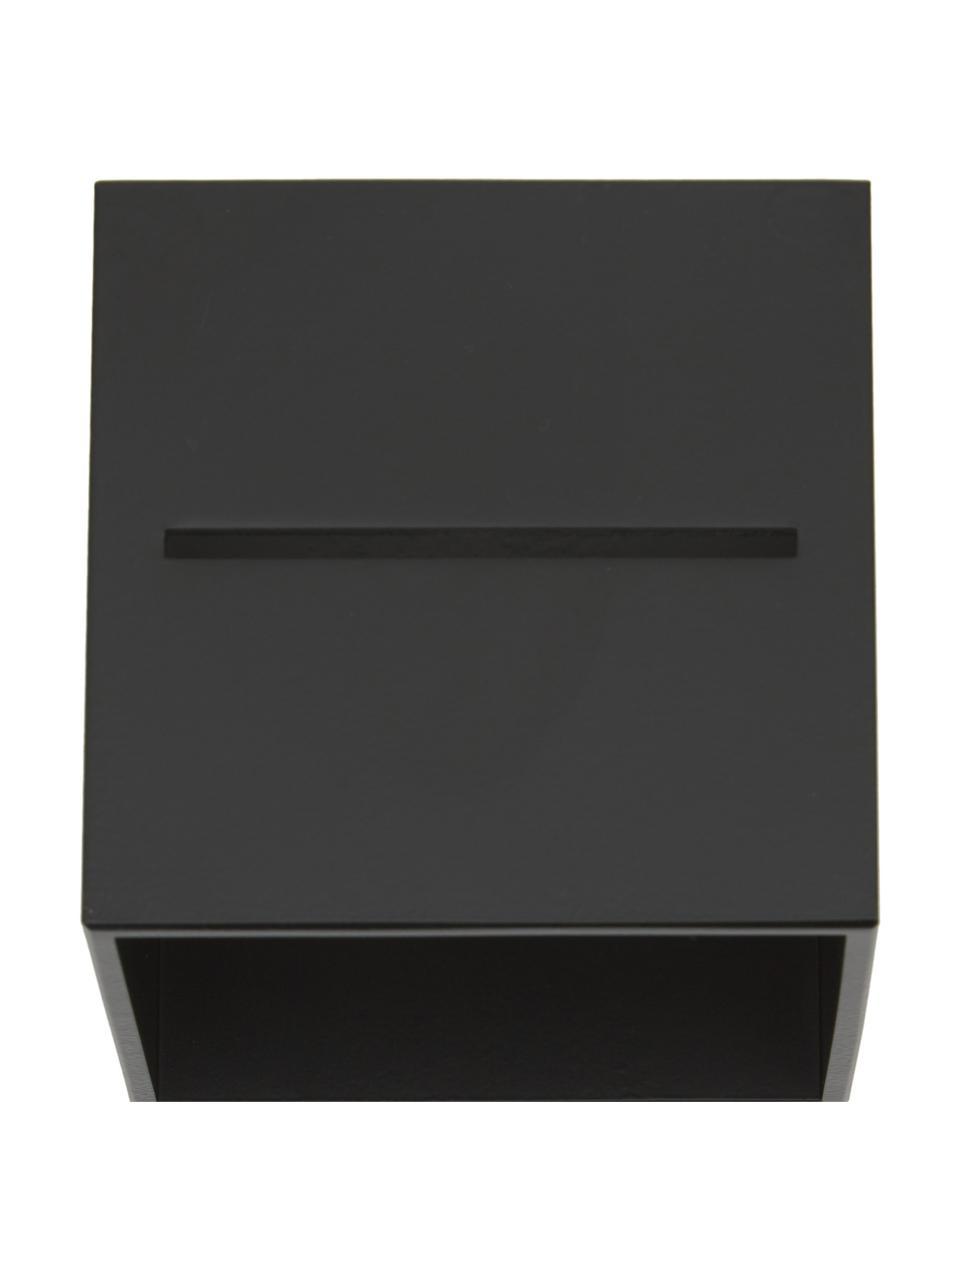 Petite applique murale noire Lorum, Noir